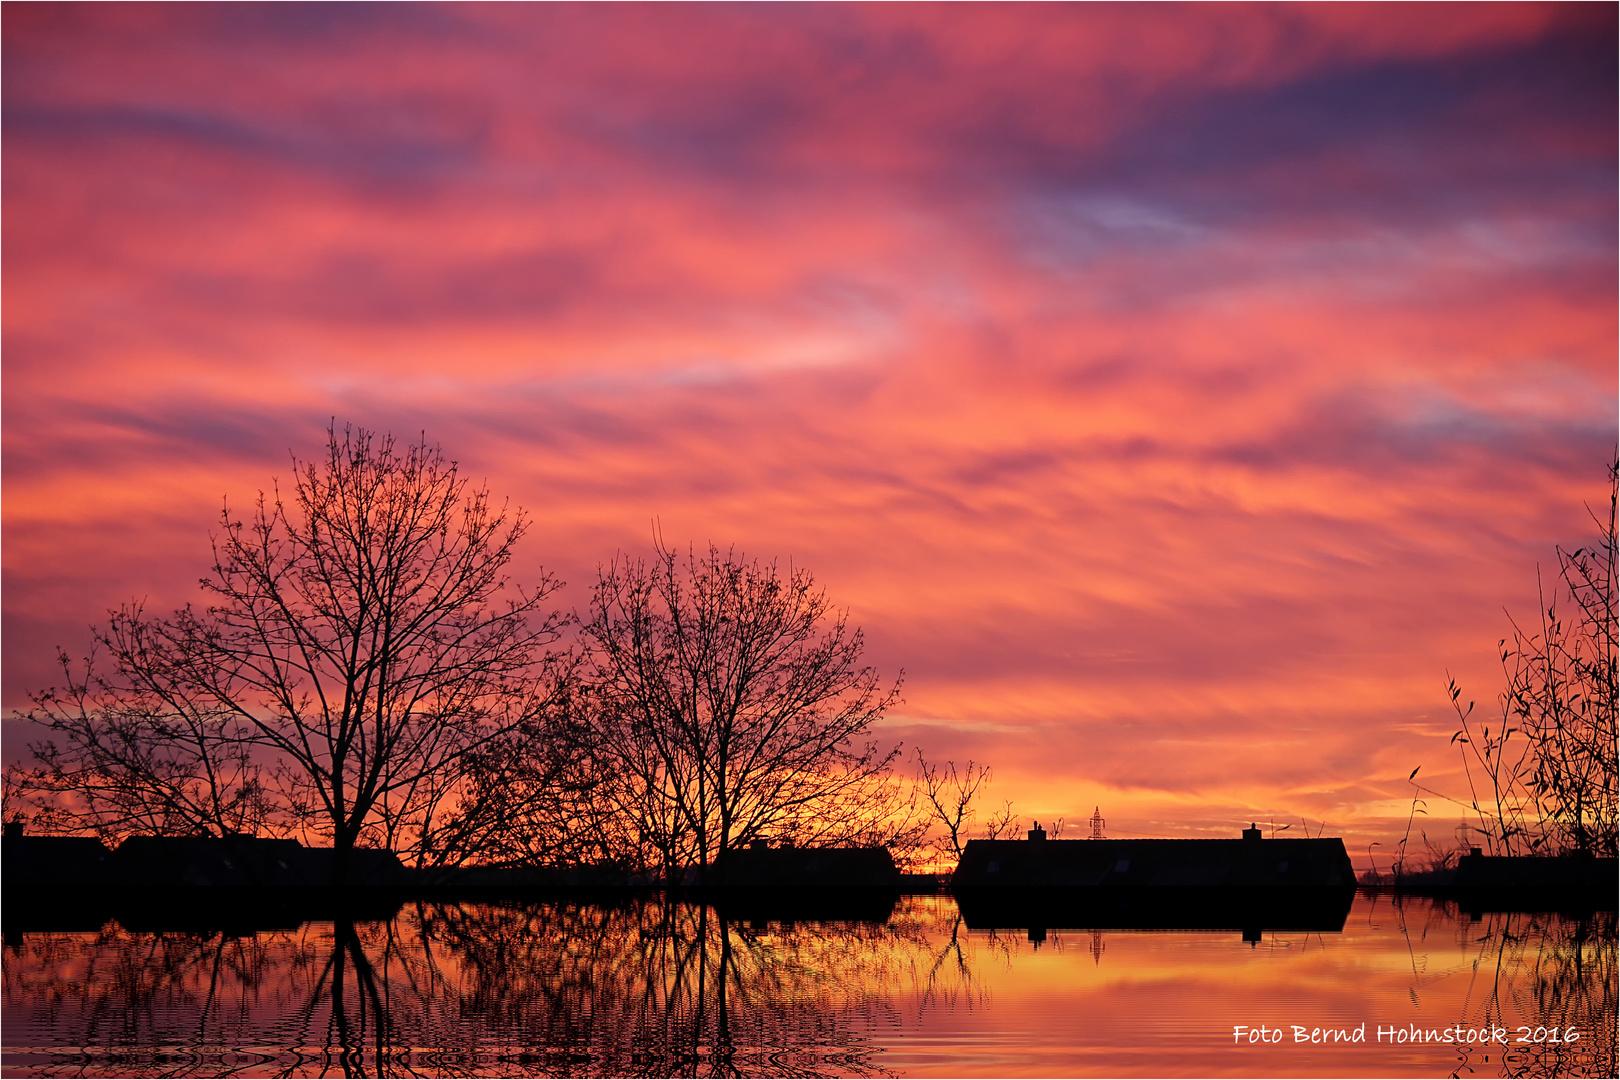 Sonnenaufgang der letzte im Dezember .... Prost Neujahr